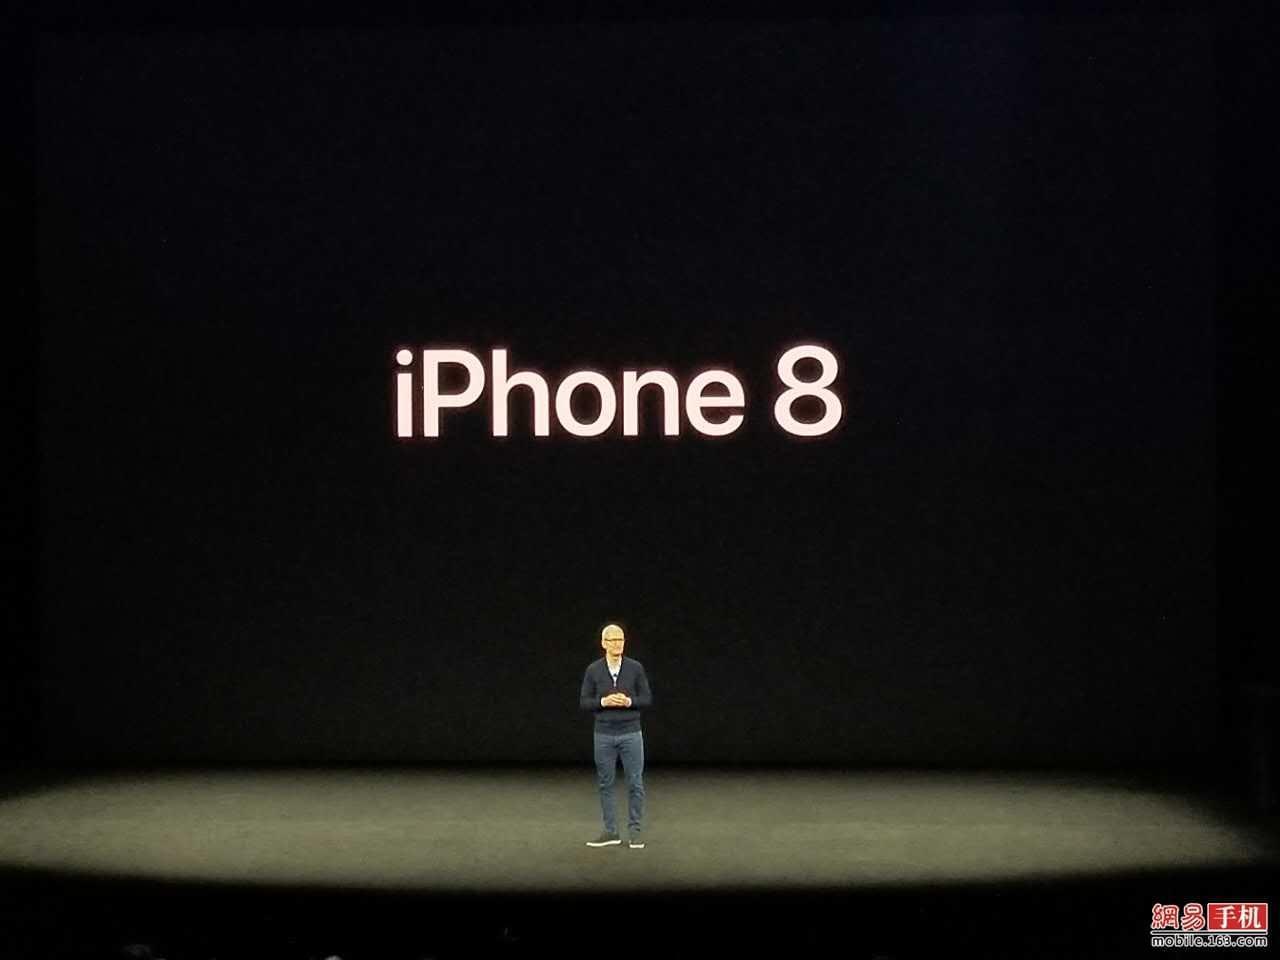 全新iPhone正式命名为iPhone 8/8 Plus